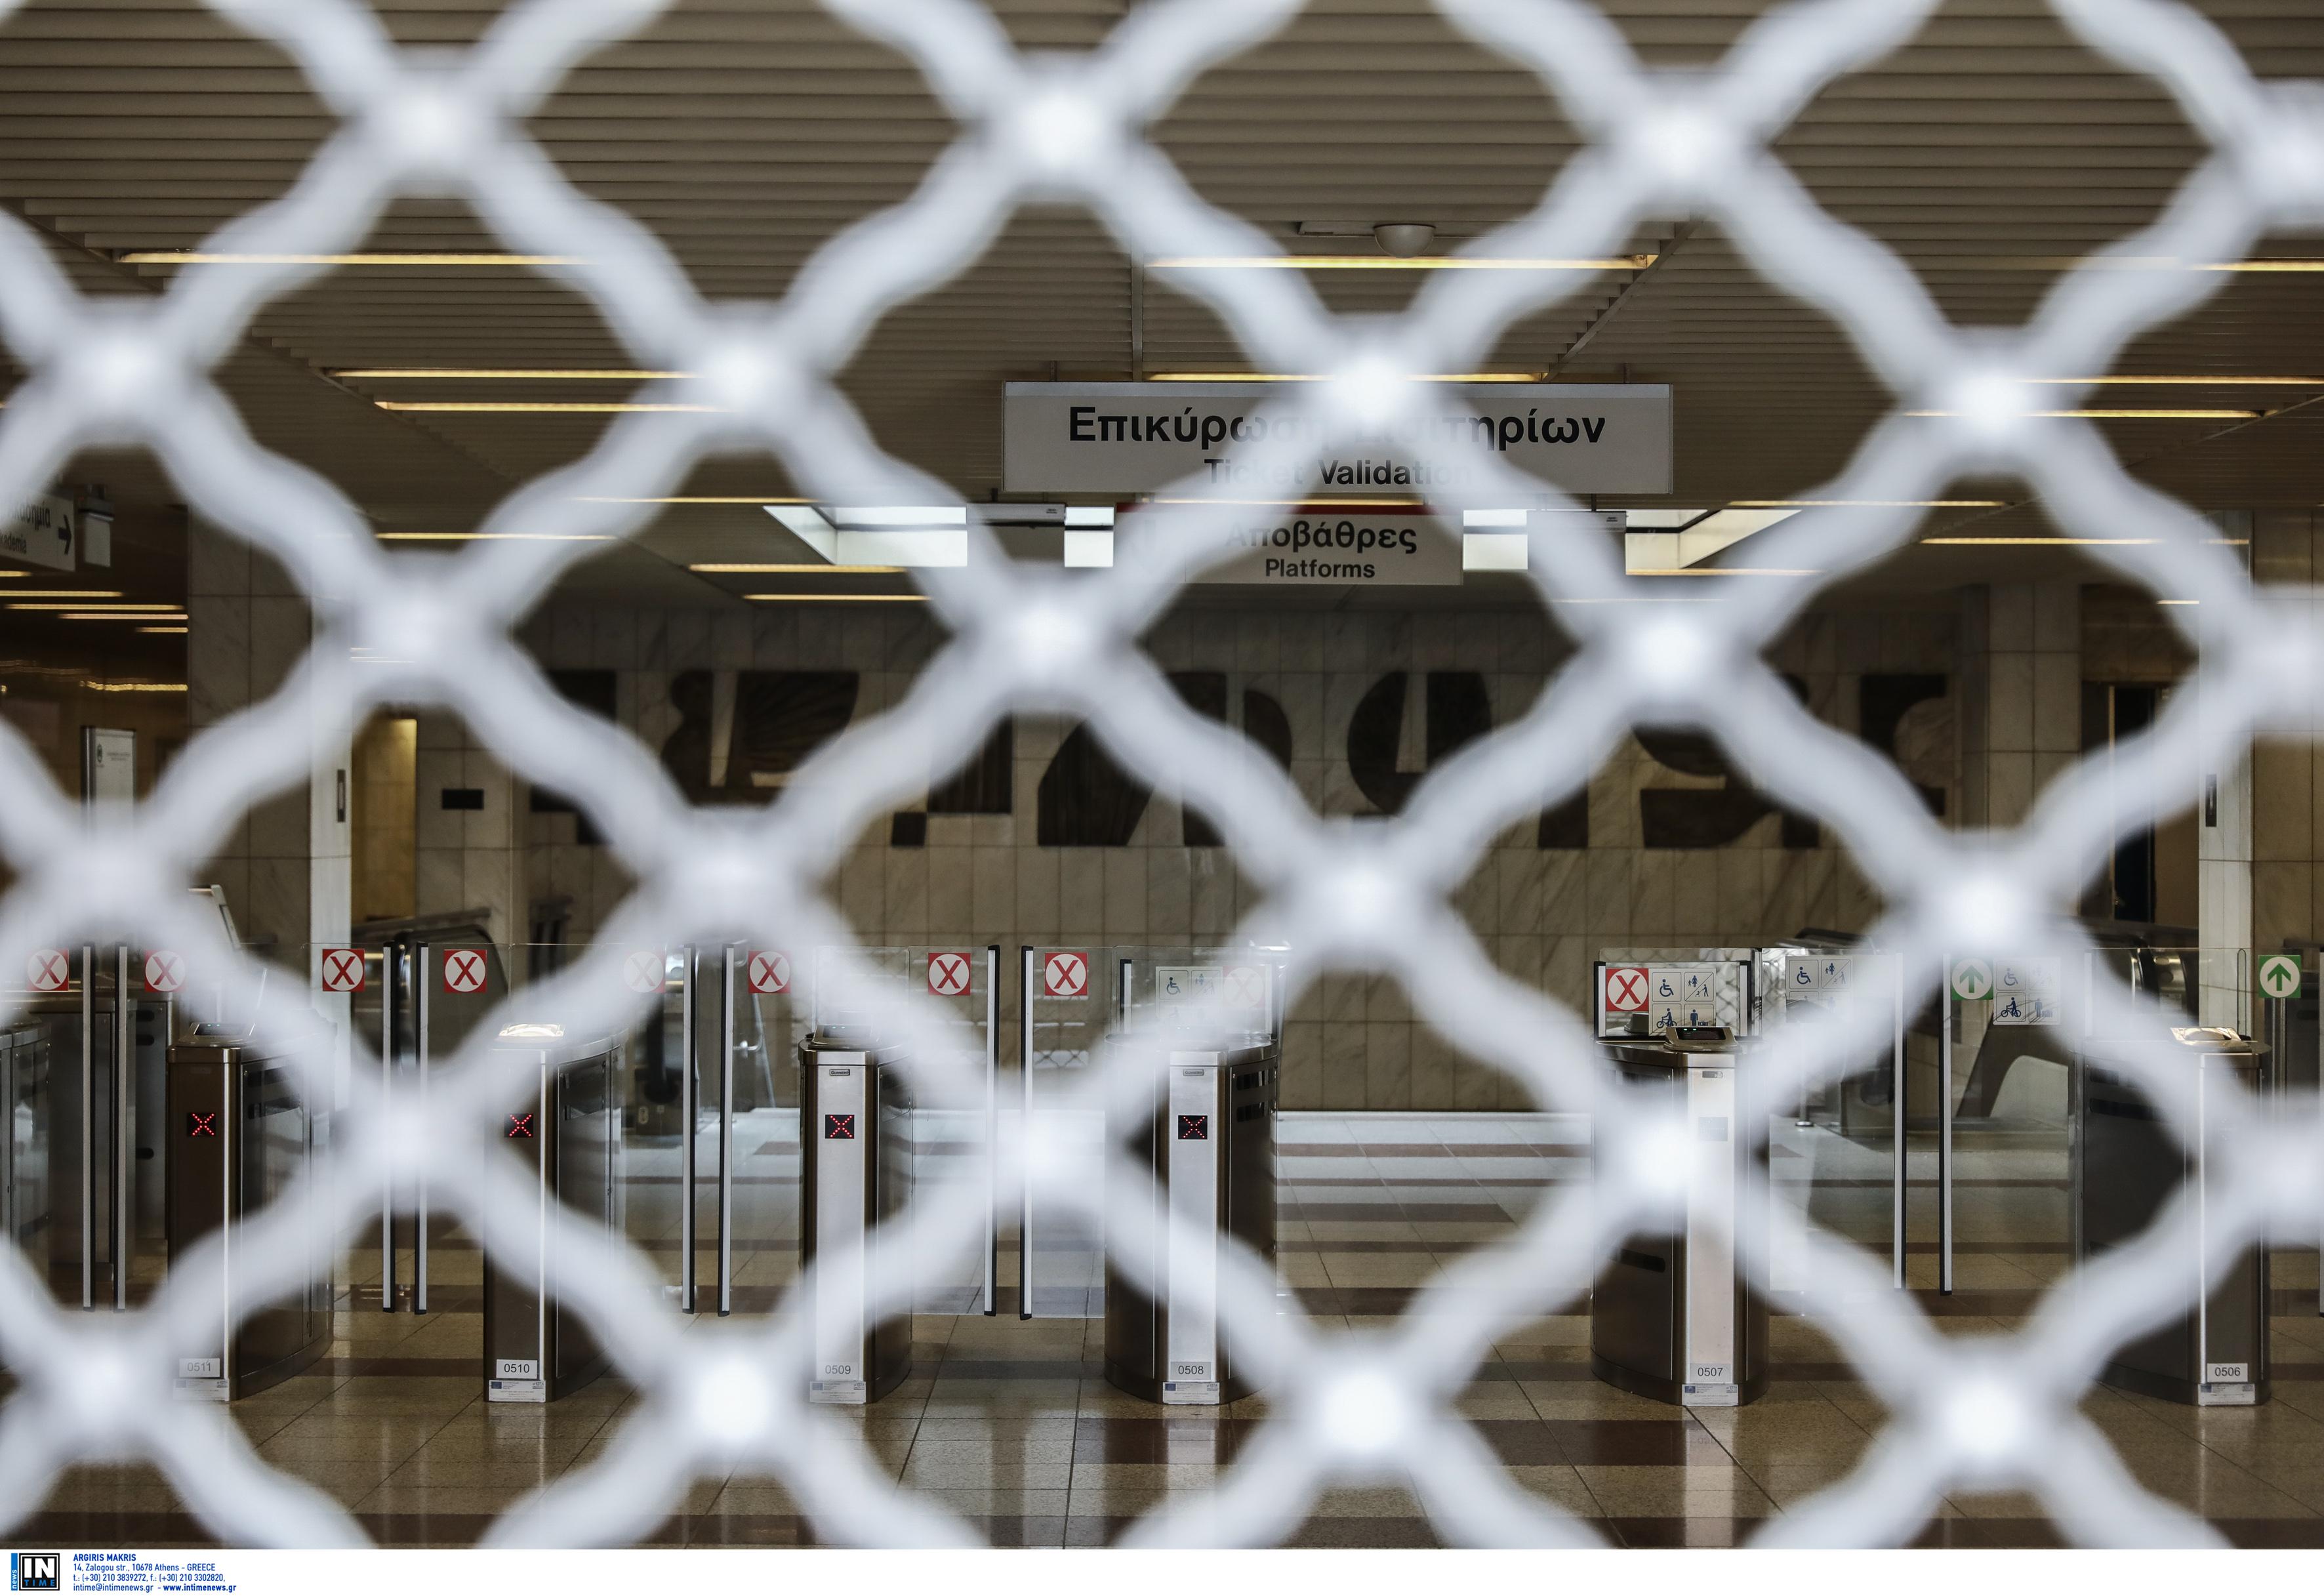 Πολυτεχνείο 2019: Ποιοι σταθμοί μετρό θα κλείσουν την Κυριακή (17/11)